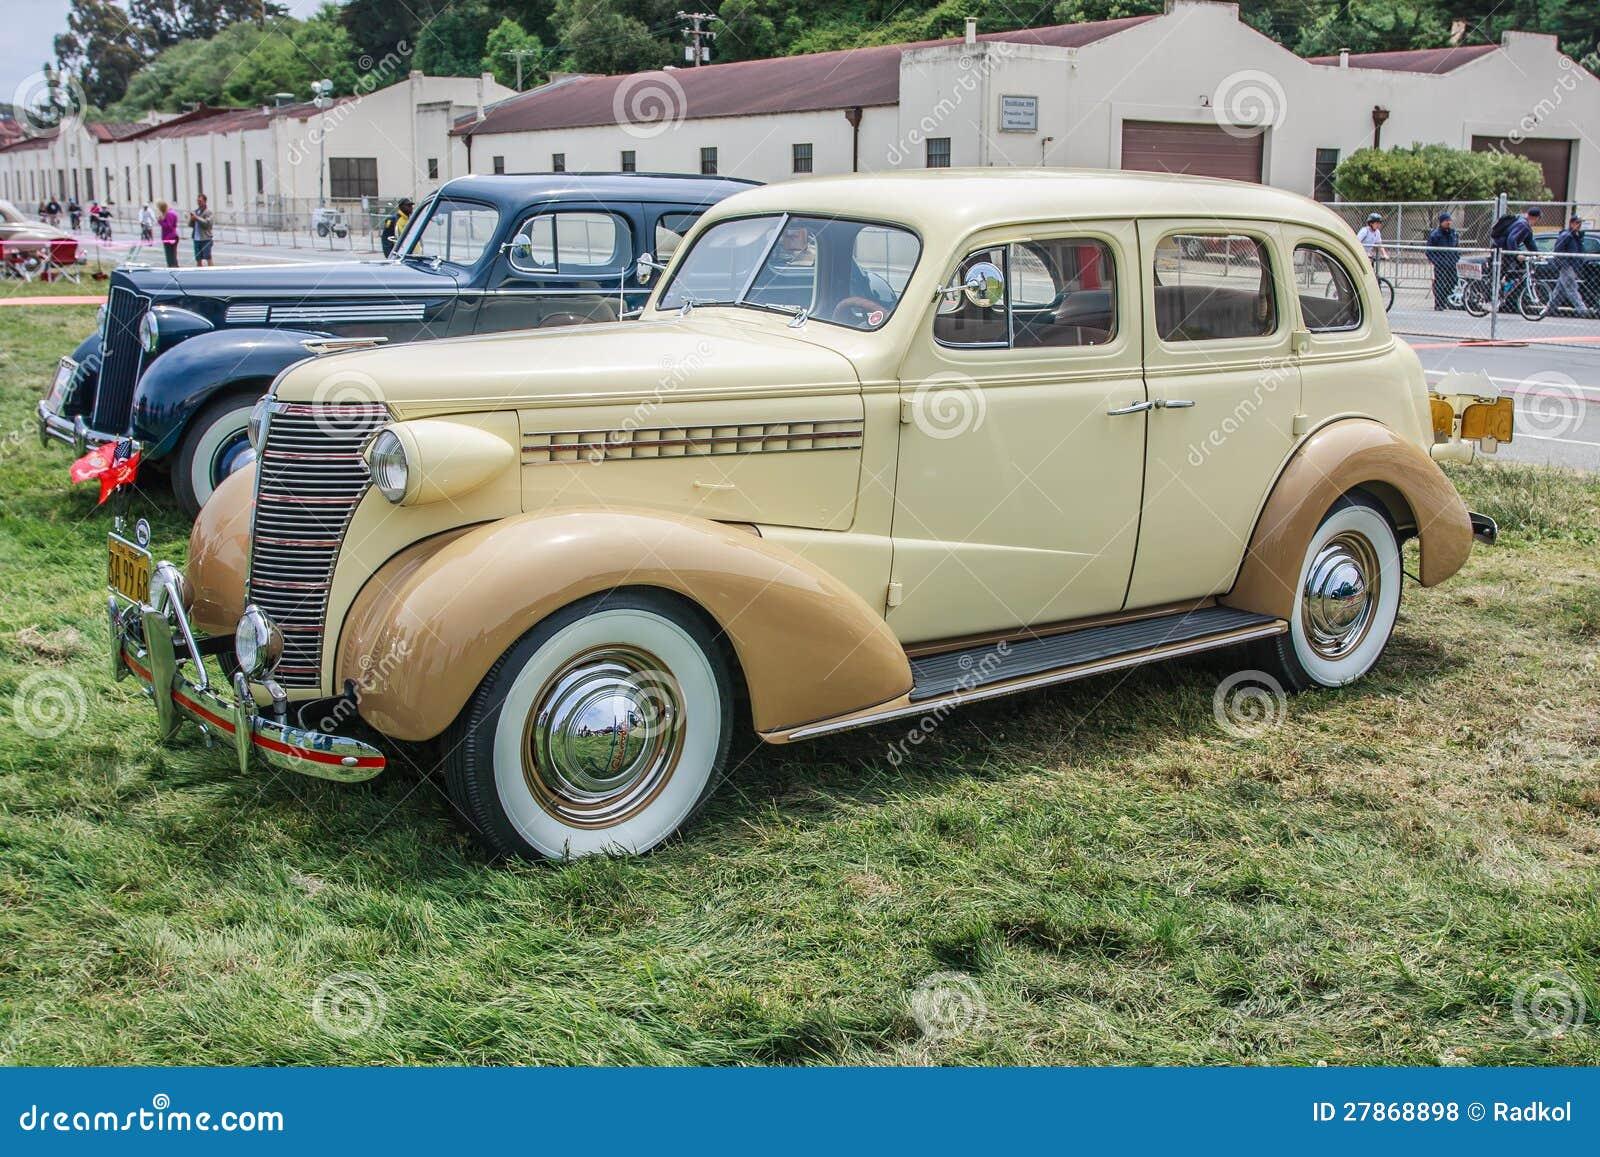 1938 chevrolet 4 door sedan editorial stock photo image for 1938 chevrolet 4 door sedan